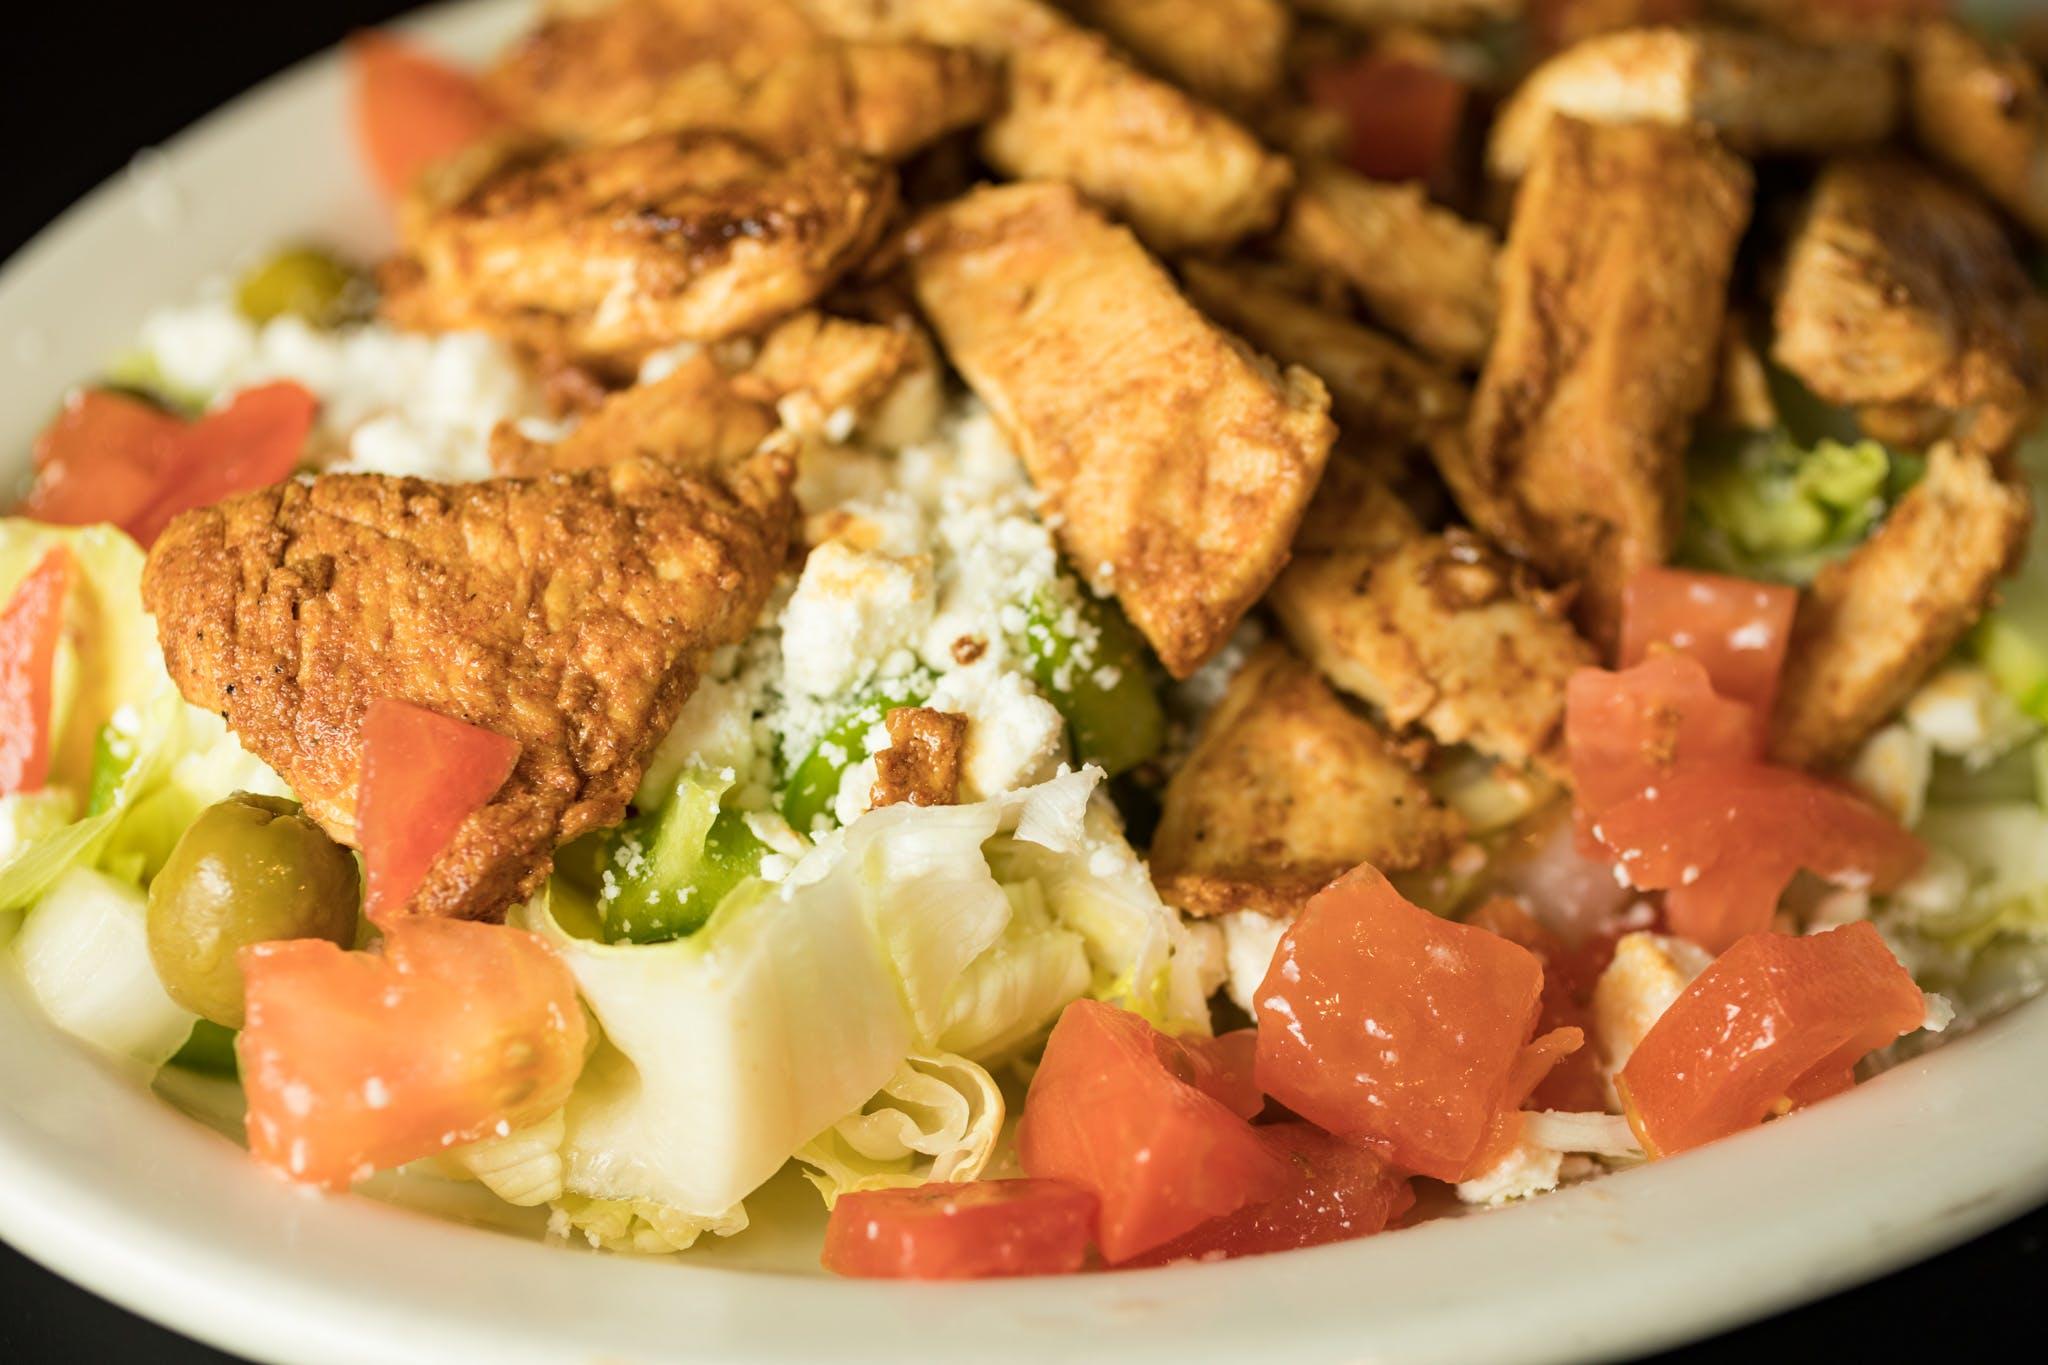 Greek Salad from Judy's Kitchen in New Brunswick, NJ